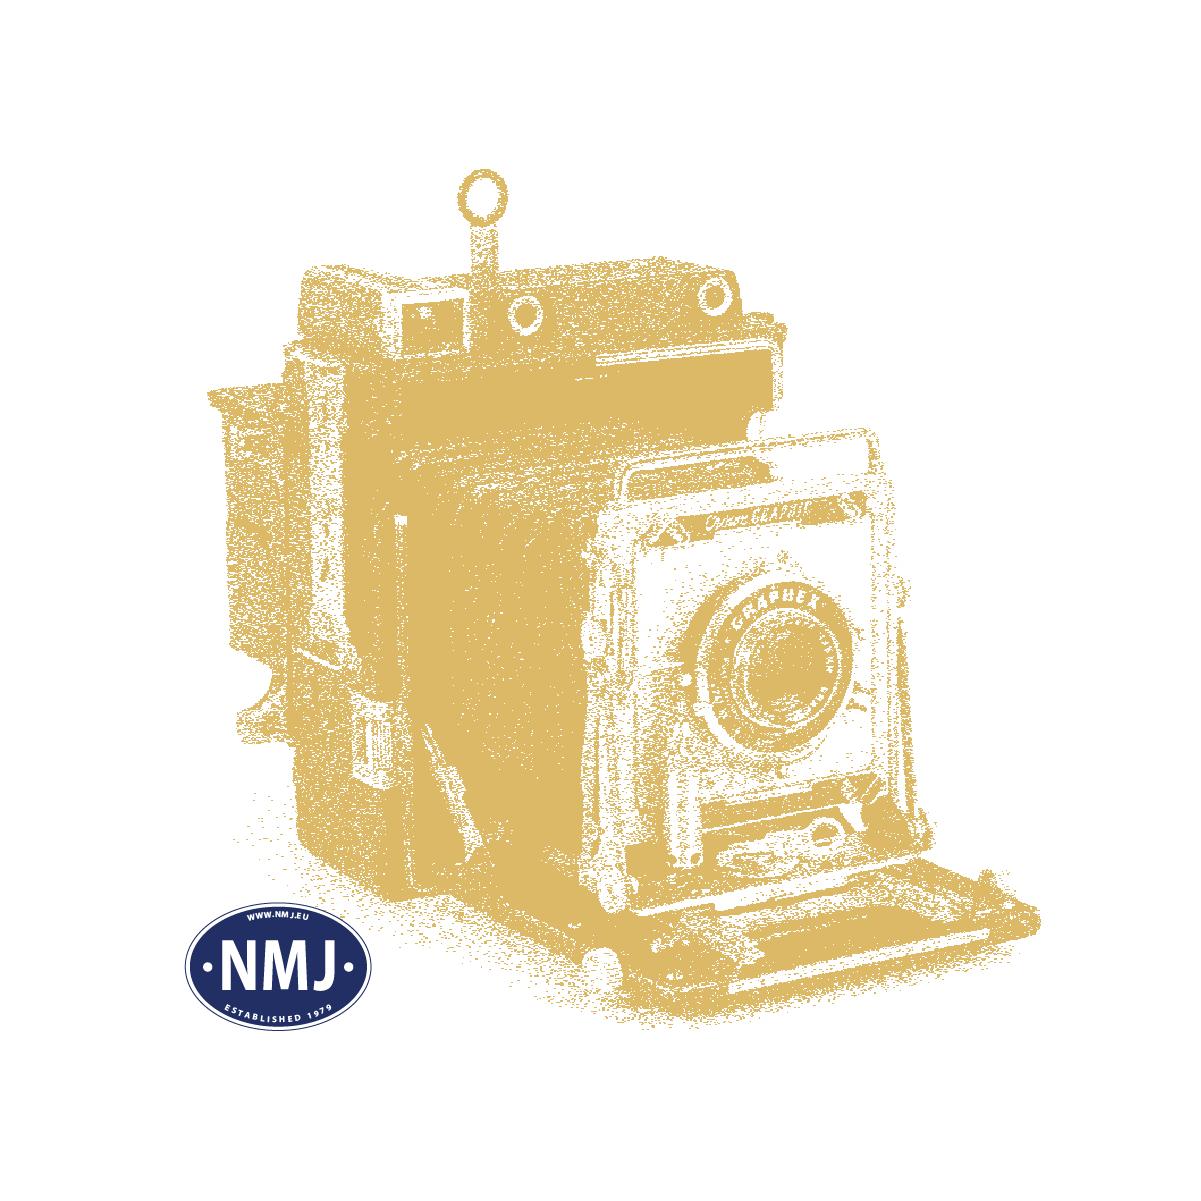 NMJT133.201 - NMJ Topline NSB BF10 21509, Mellomdesign (rot)